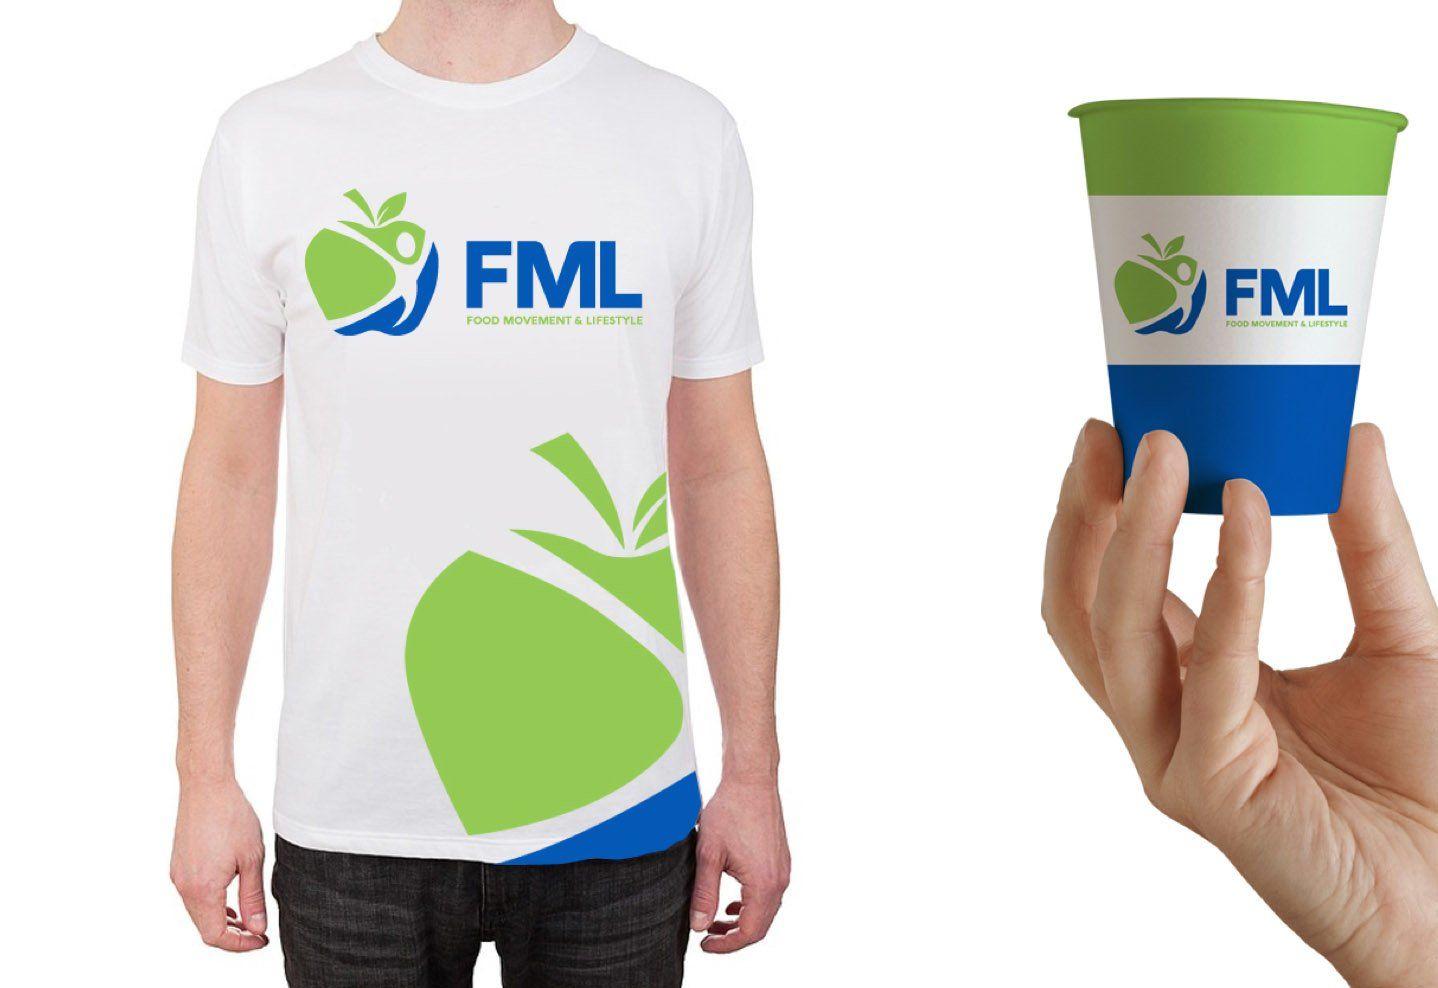 FML T-shirt Branding